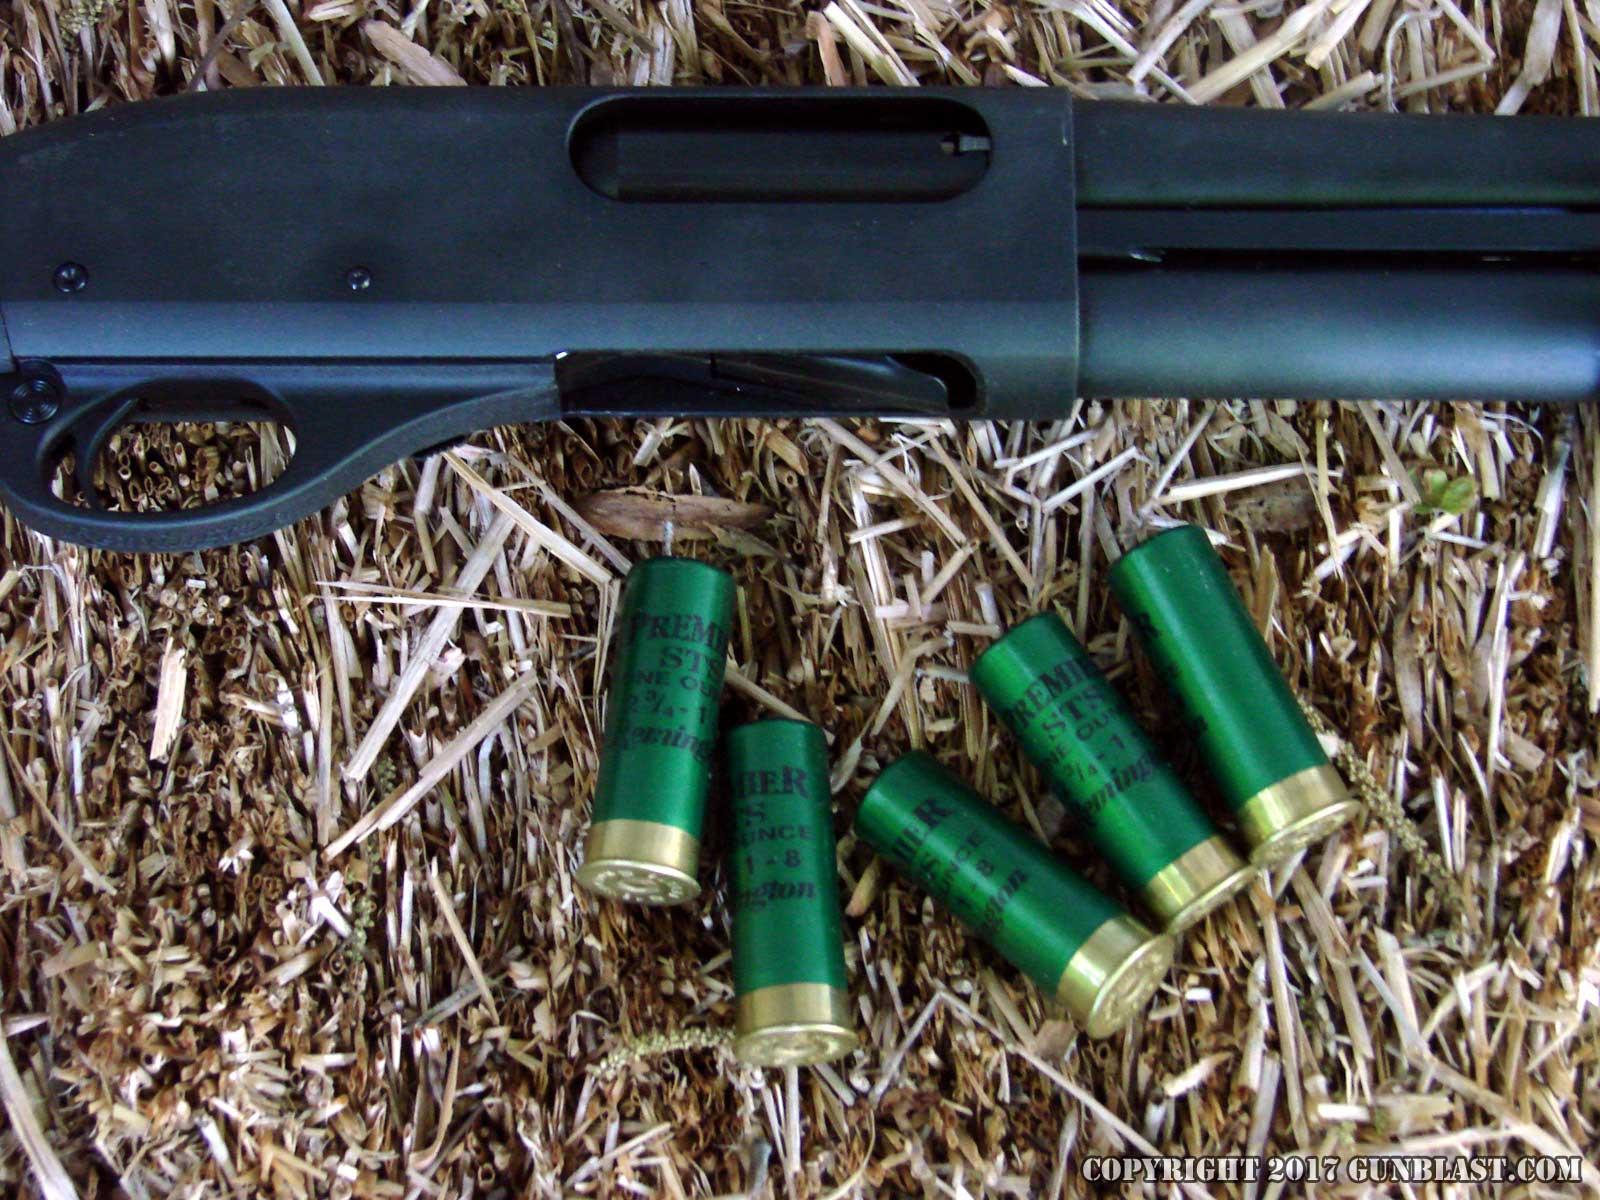 Remington 870 Express Tac-14 12 Gauge